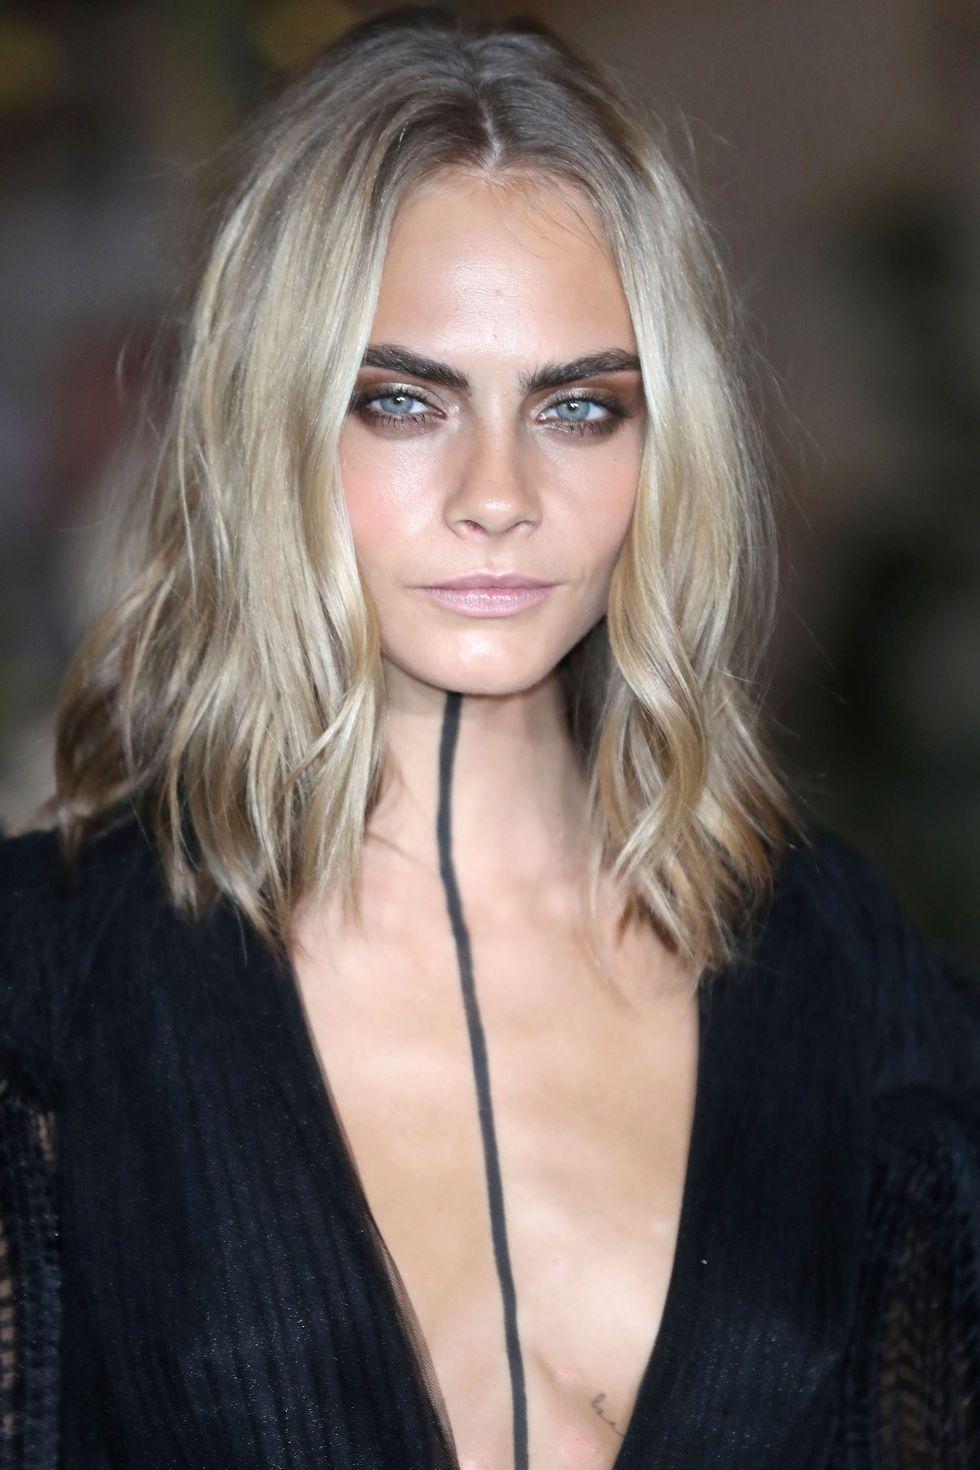 kiểu tóc đẹp cho nữ 2018 8